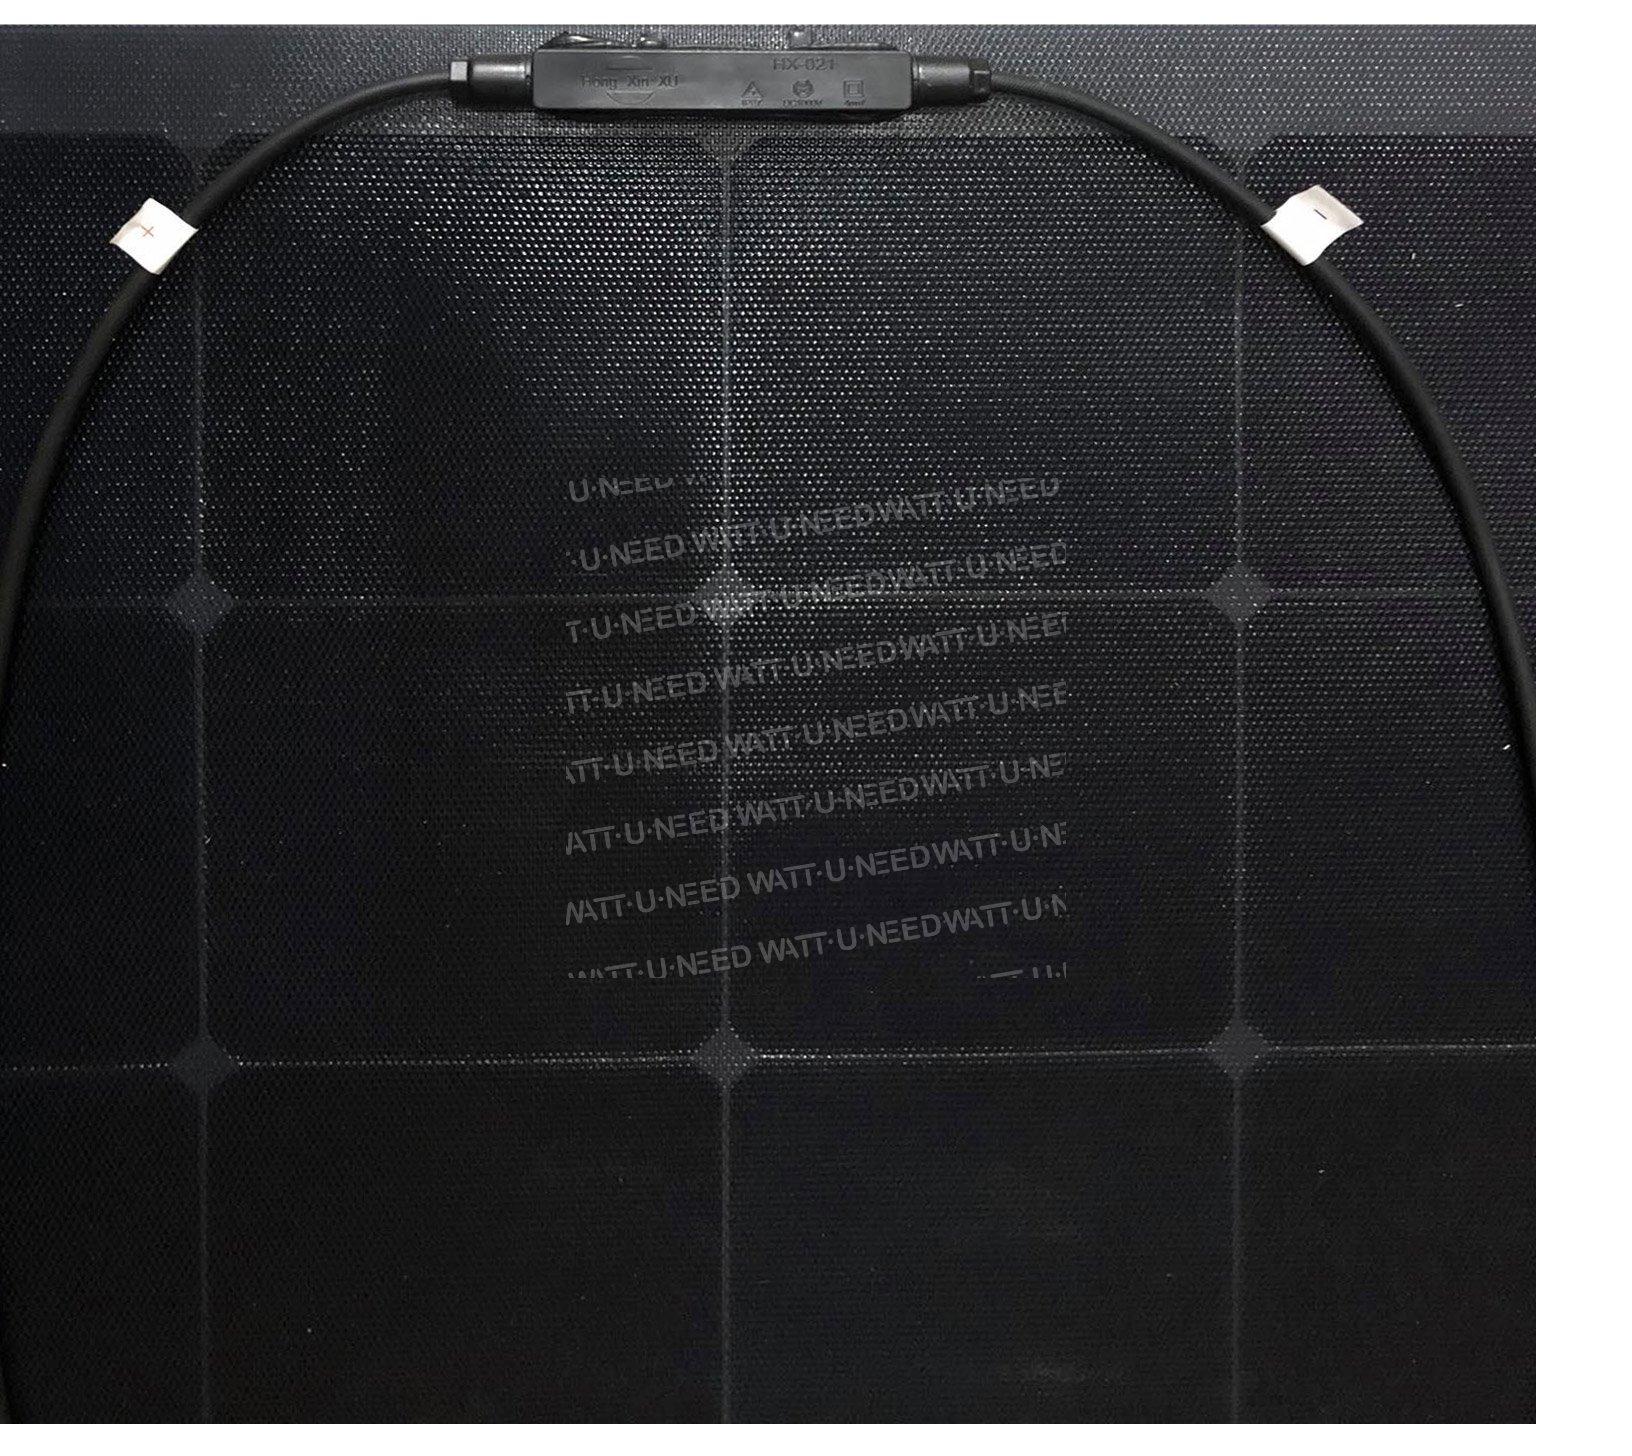 Panneau solaire MX FLEX 140 Wc Full Black